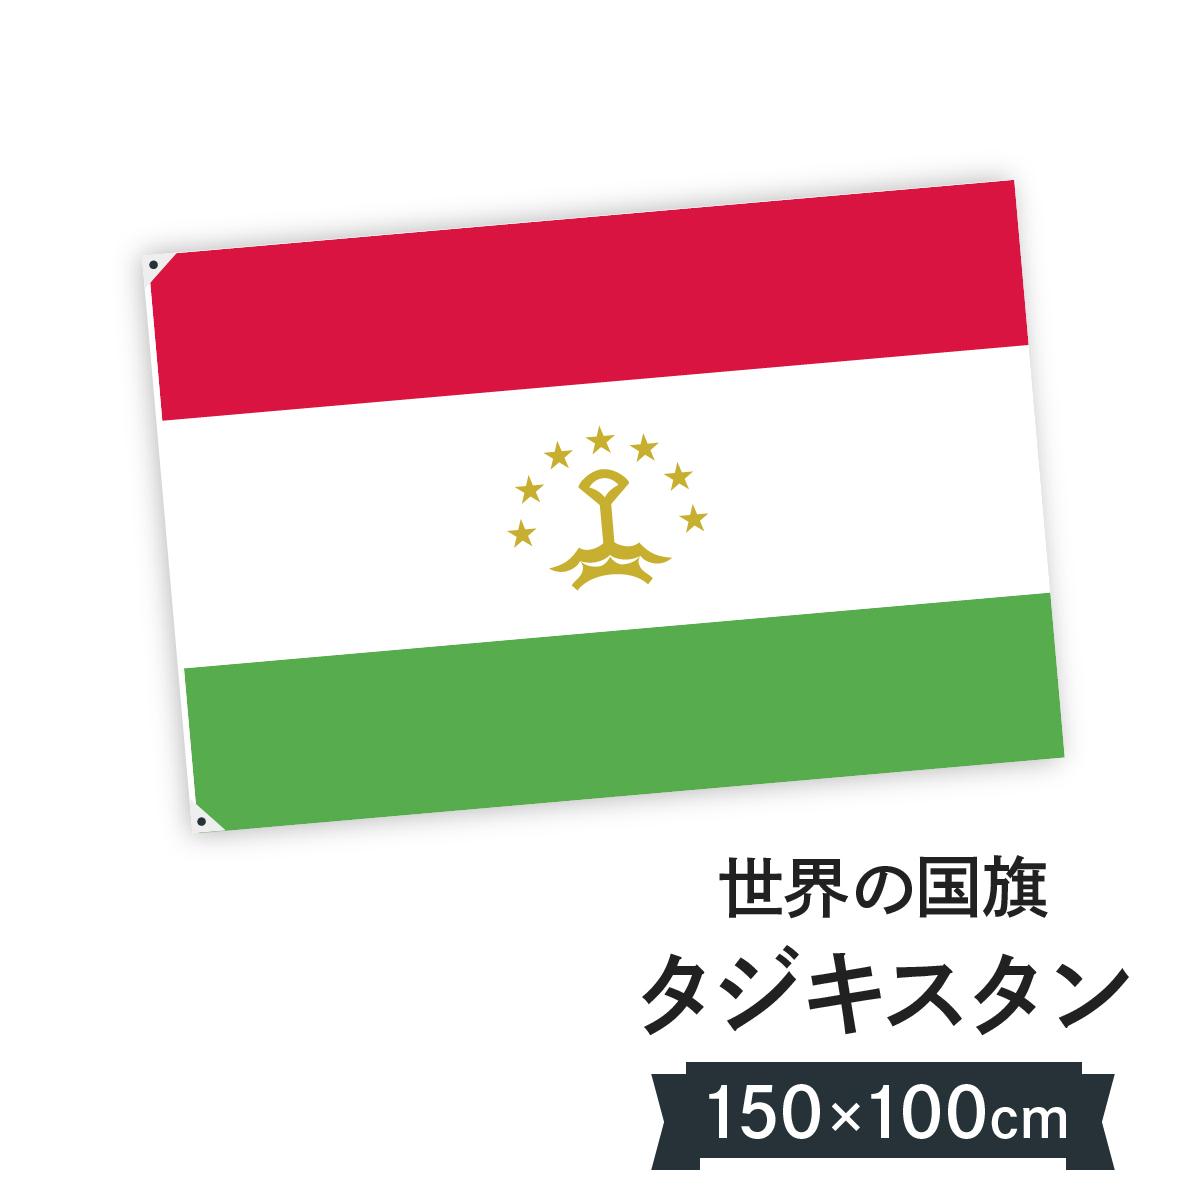 タジキスタン共和国 国旗 W150cm H100cm